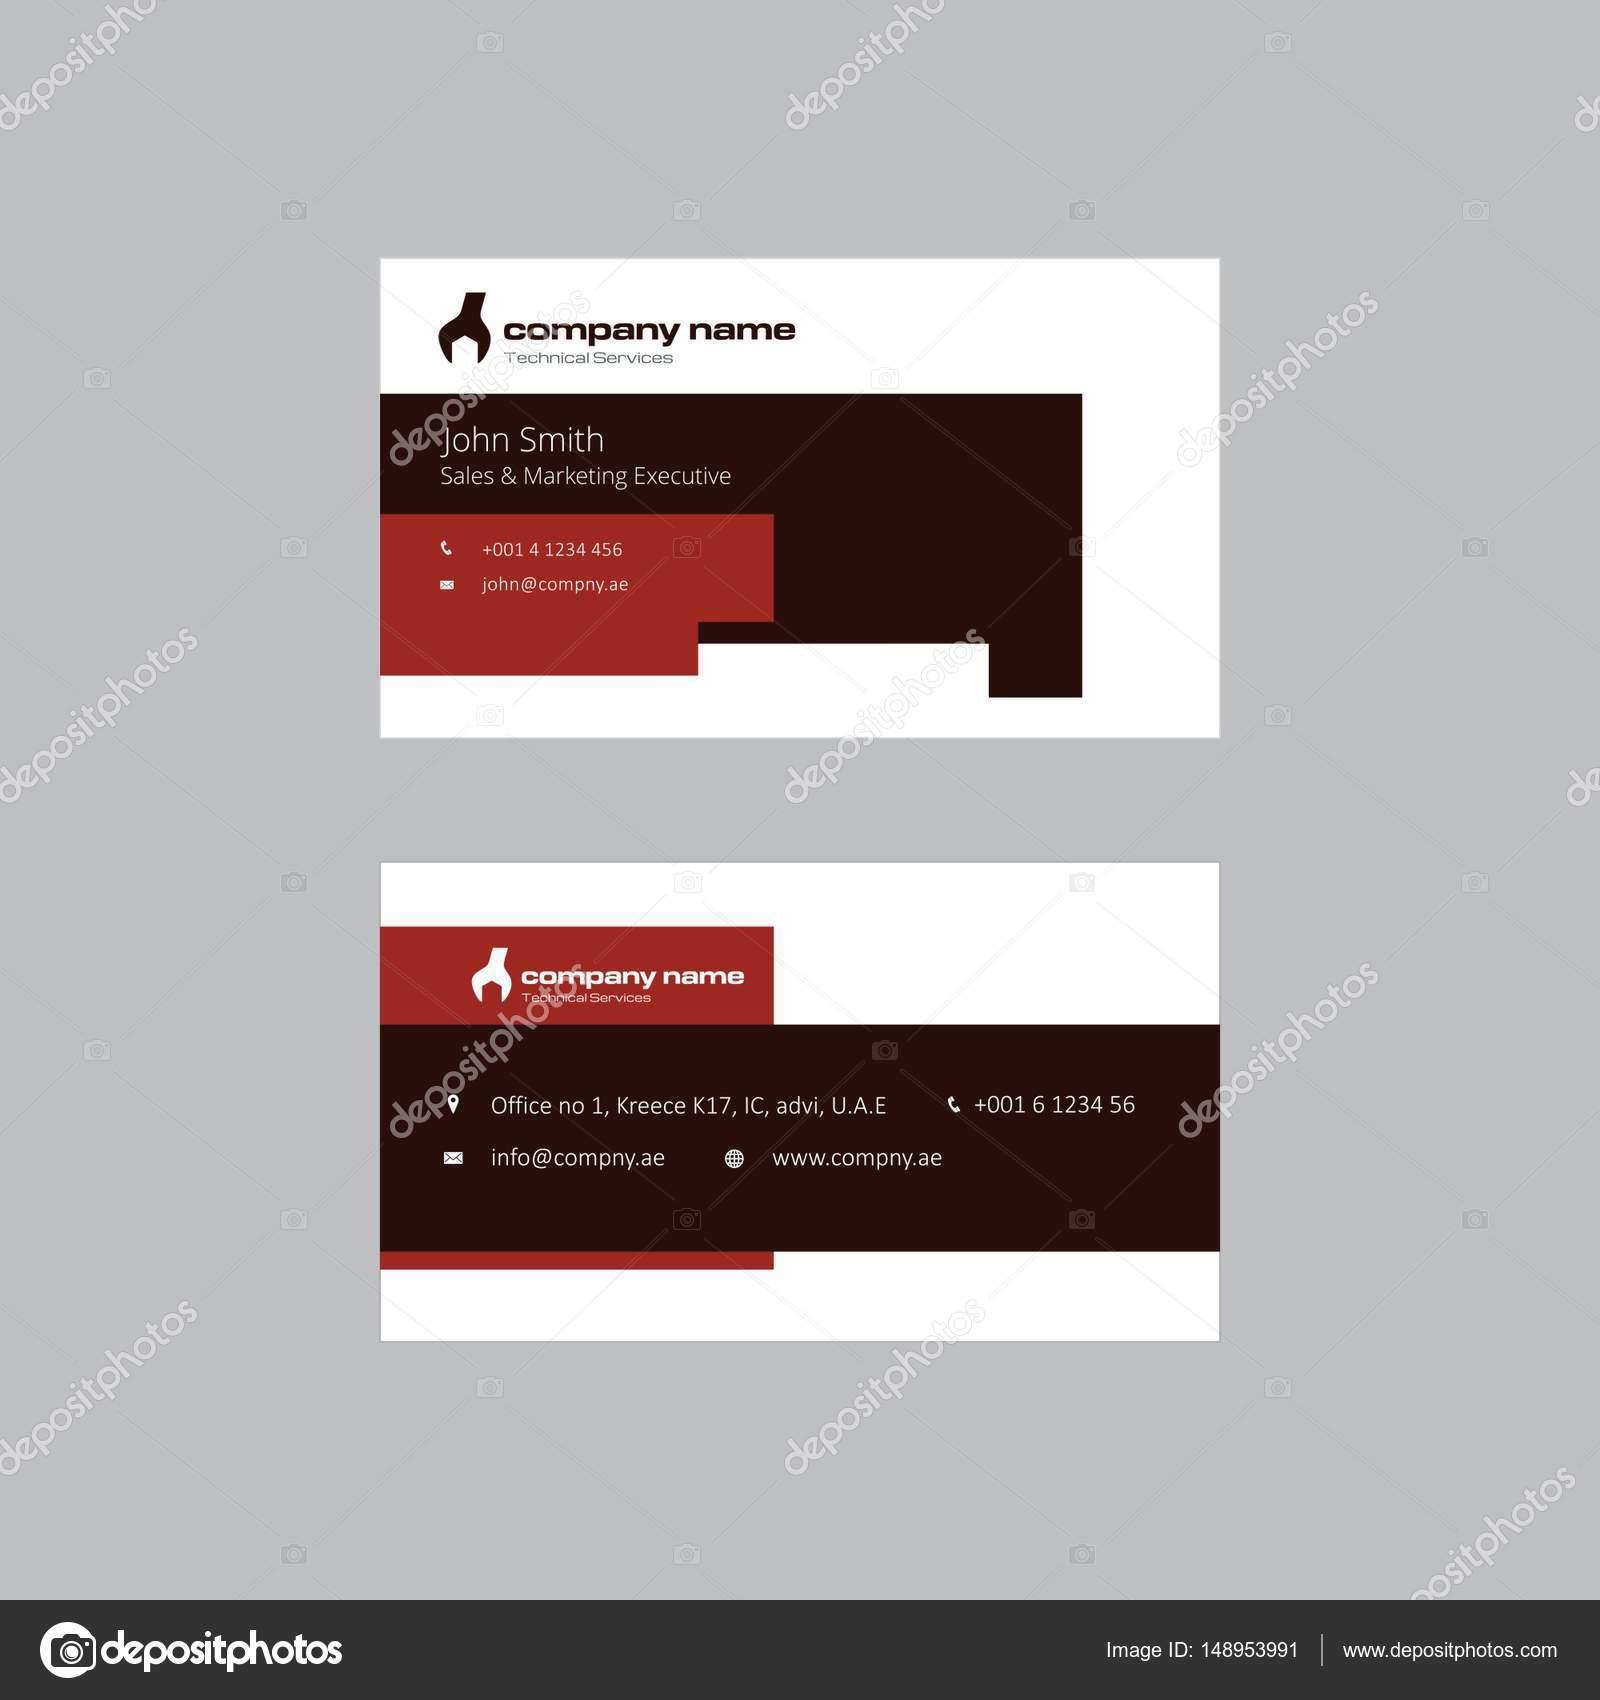 Construction company business card design stock vector construction company business card design stock vector colourmoves